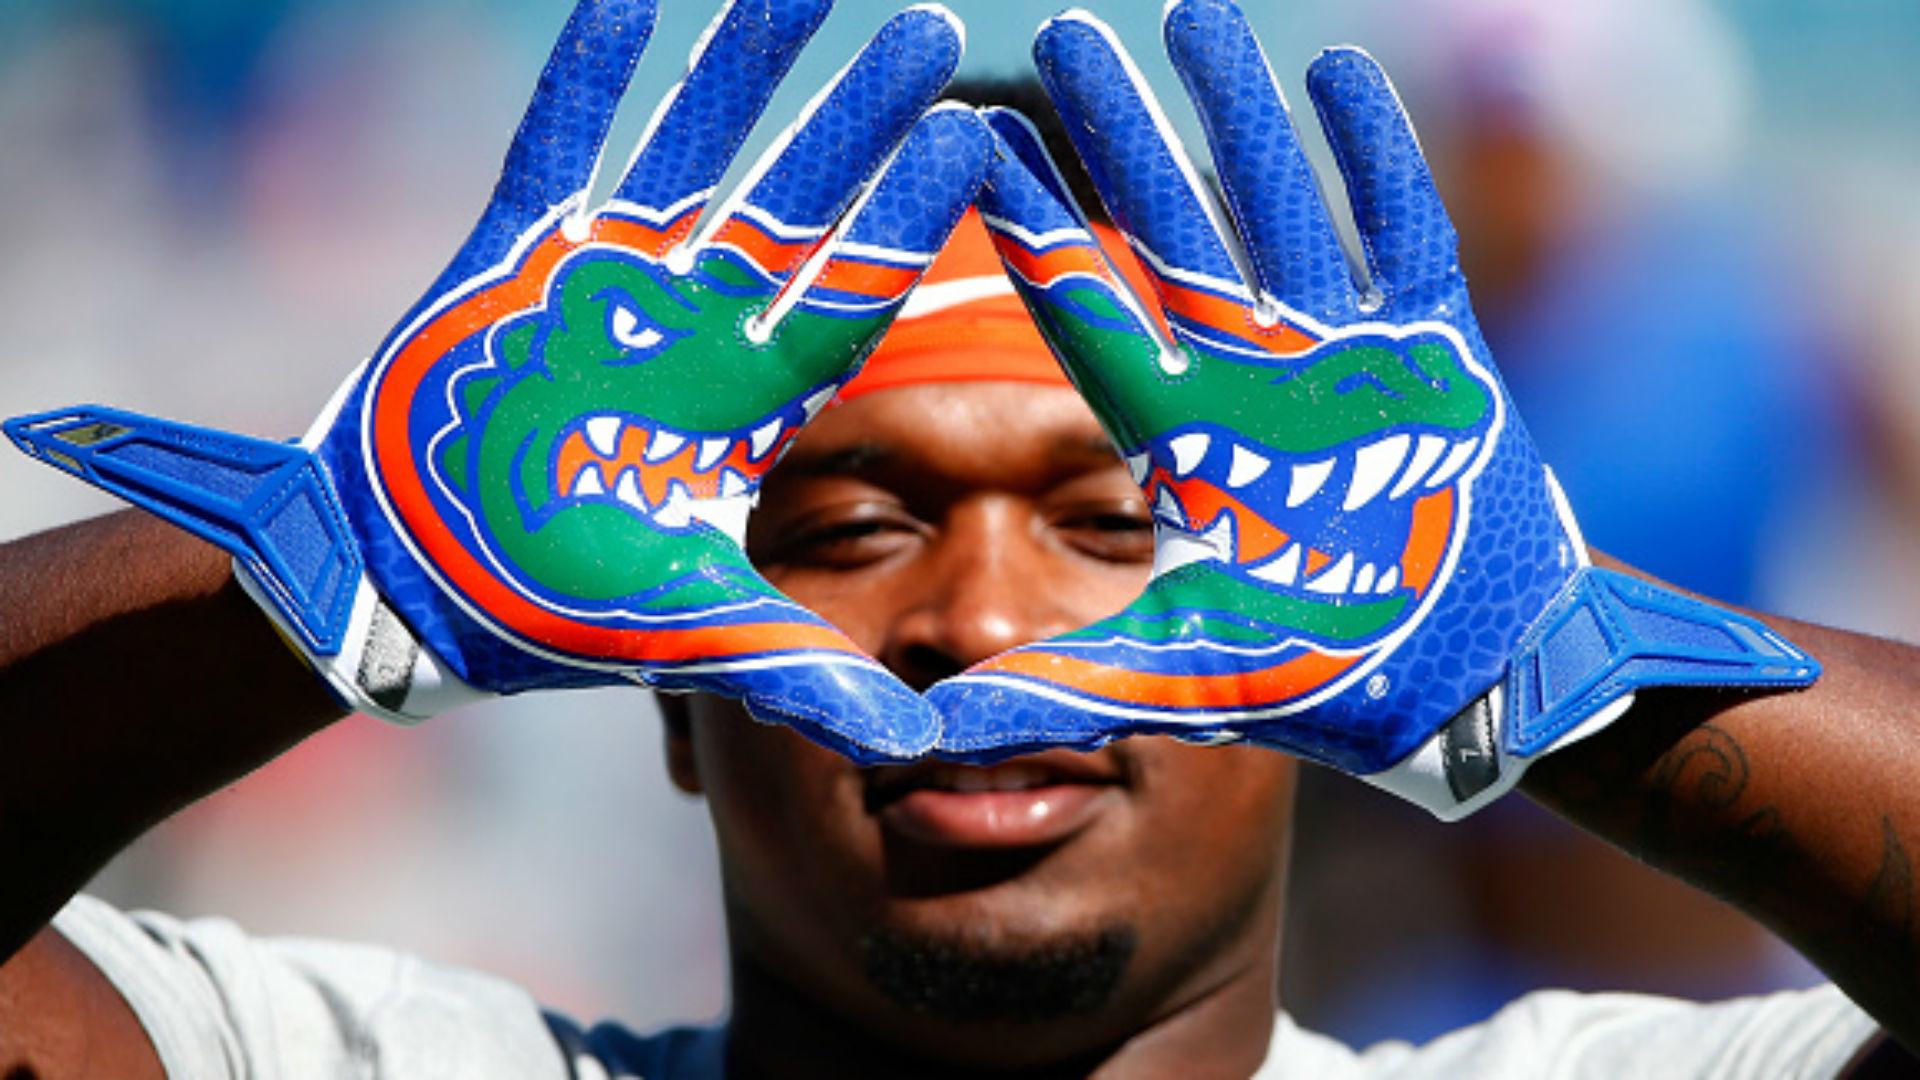 1920x1080 wallpaper.wiki-Florida-gators-hd-getty-photos-PIC-